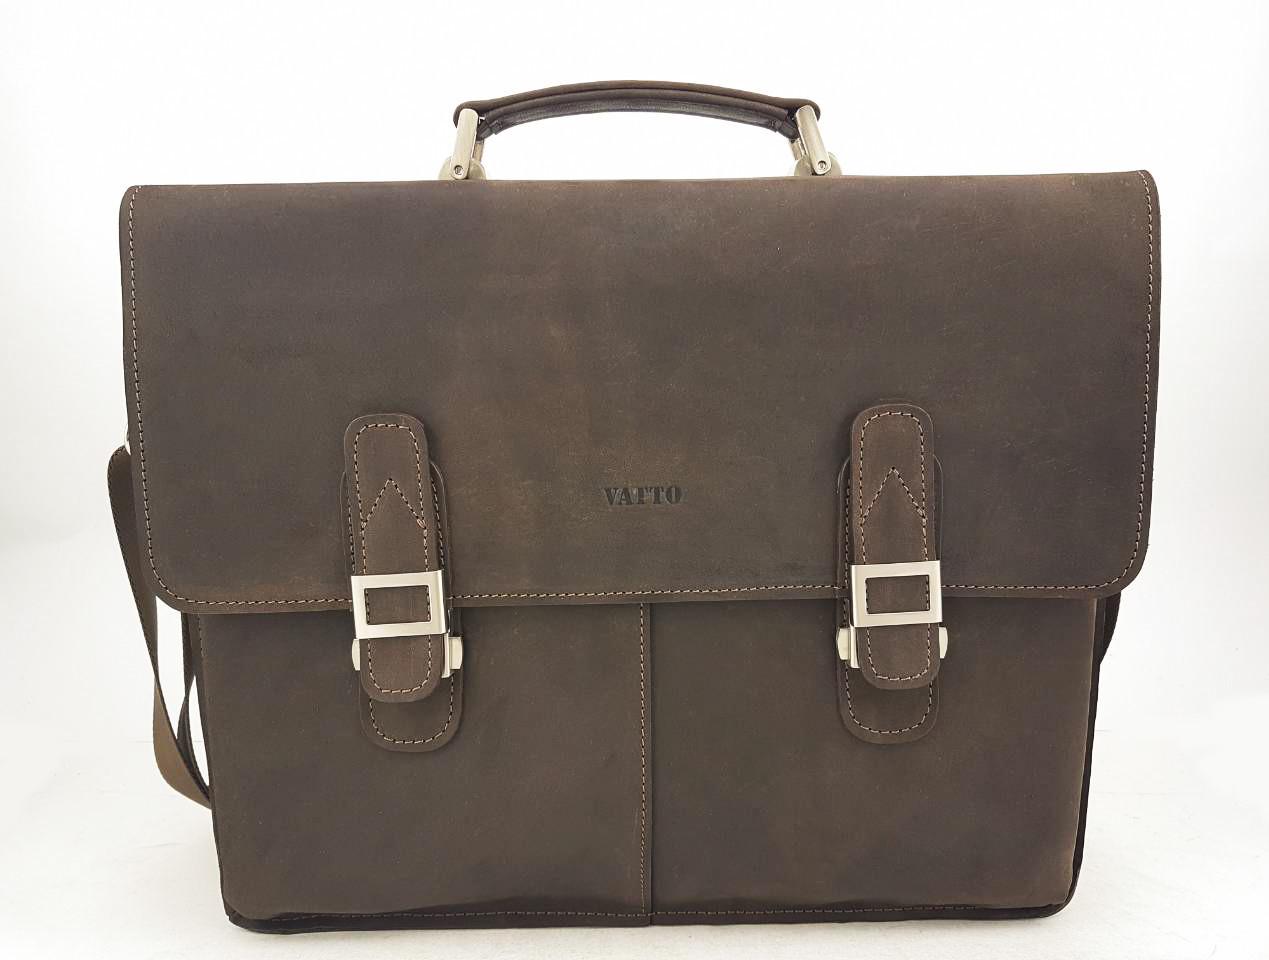 Мужской портфель VATTO Mk24 Kr450 - Интернет-магазин сумок a7f113204f9d6